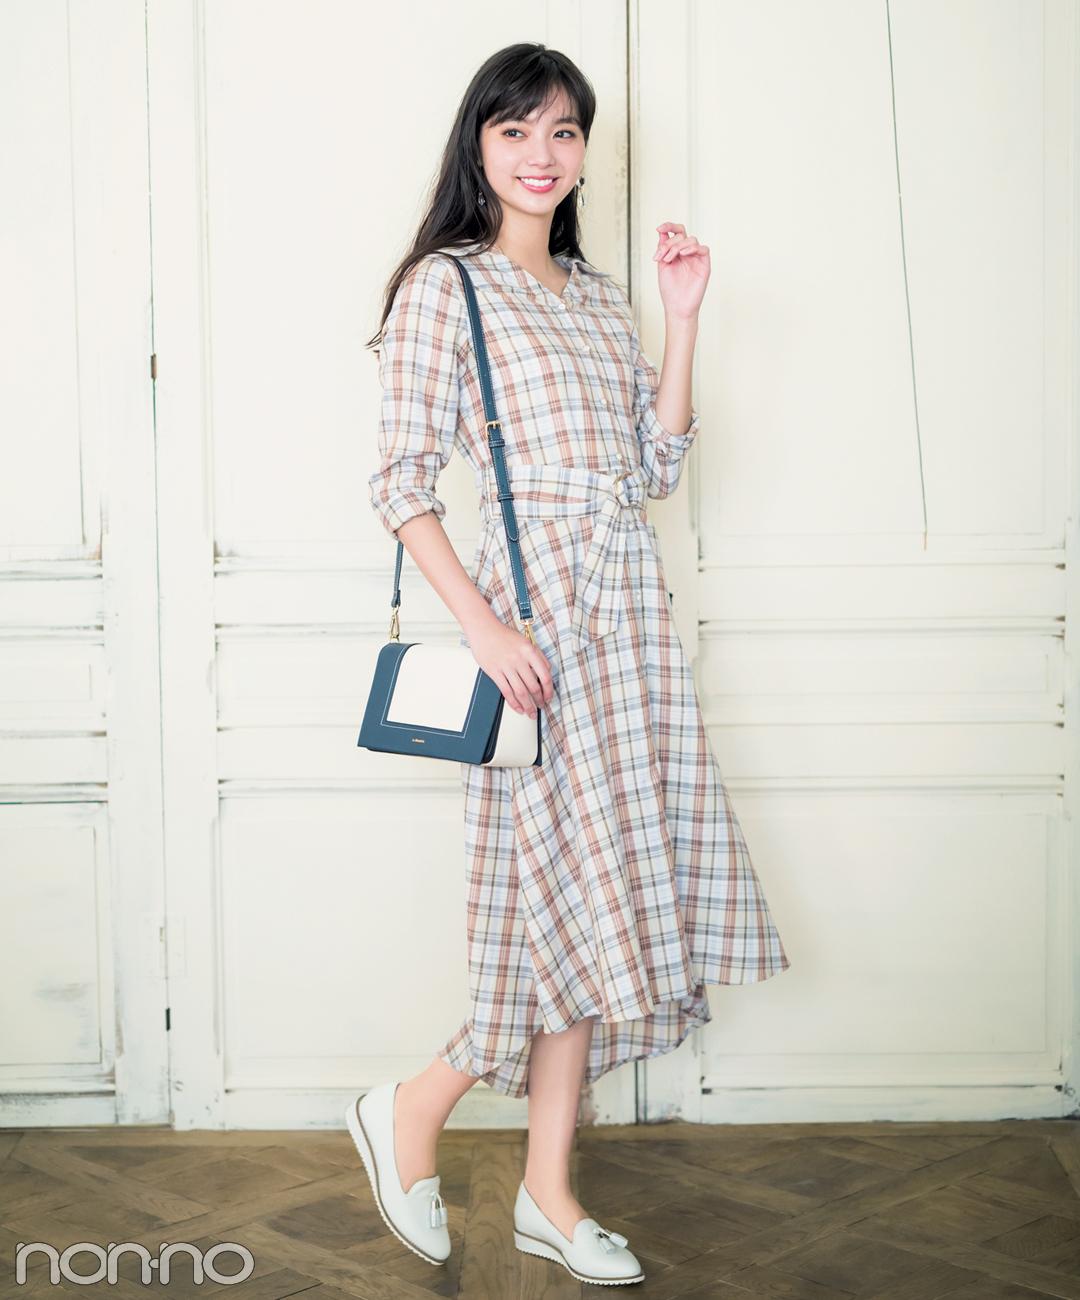 【夏のワンピースコーデ】新川優愛の、白ベース&淡色チェックワンピースで清潔感大人っぽコーデ